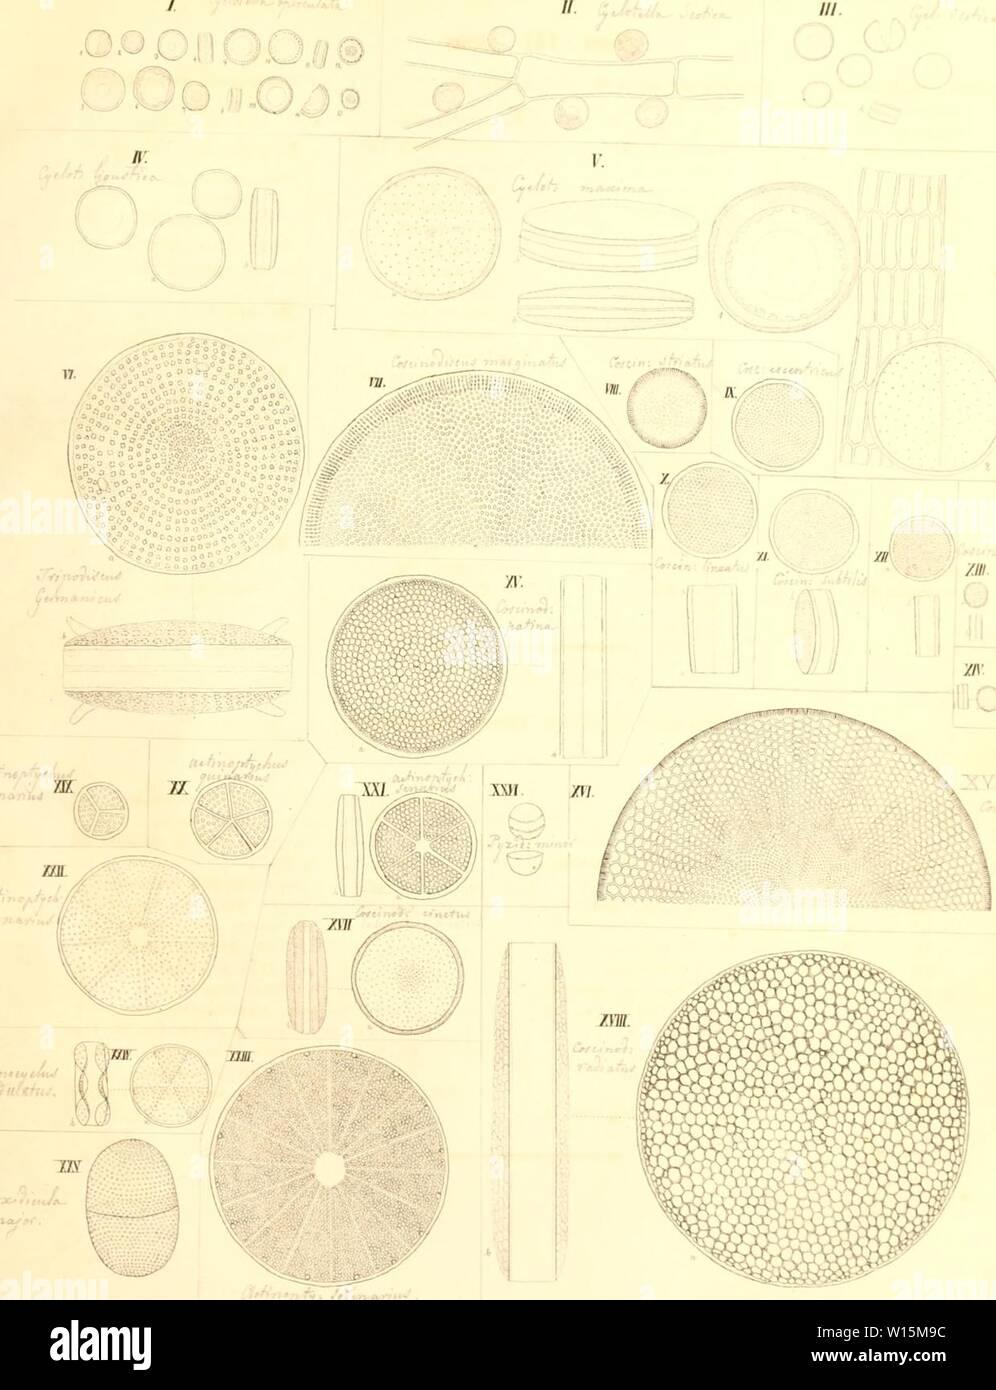 Archiv Bild von Seite 164 kieselschaligen Bacillarien oder Diatomeen sterben. Kieselschaligen Bacillarien oder Diatomeen. diekieselschalig 00 ktzi sterben jedes Jahr: 1844/: Stockfoto